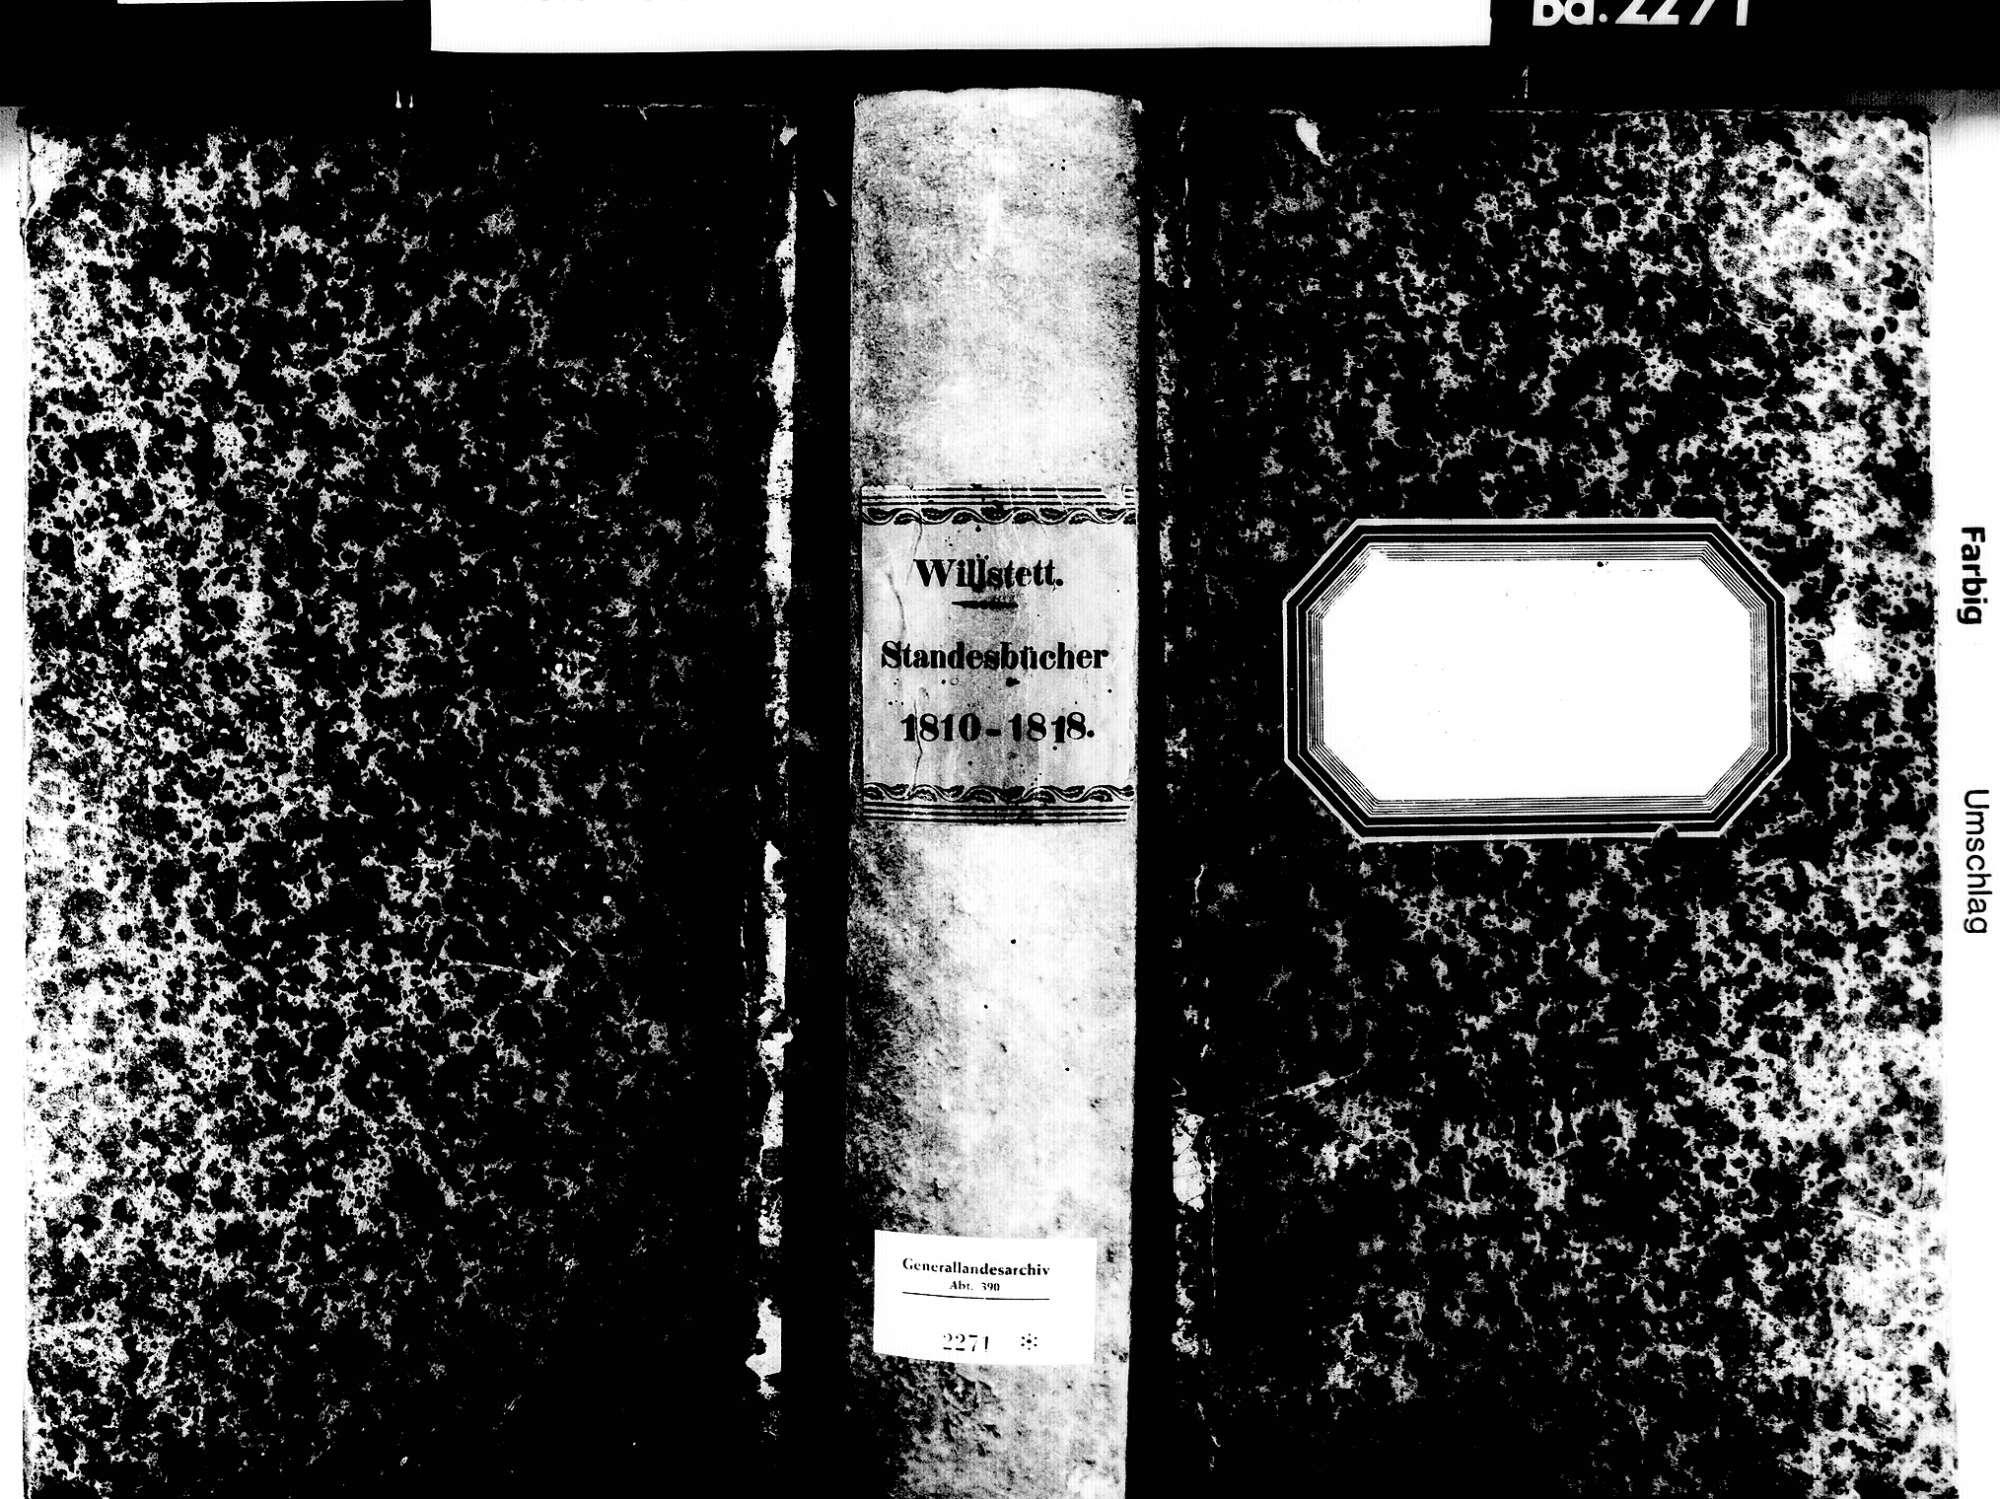 Willstätt OG; Evangelische Gemeinde: Standesbuch 1810-1818, Bild 2